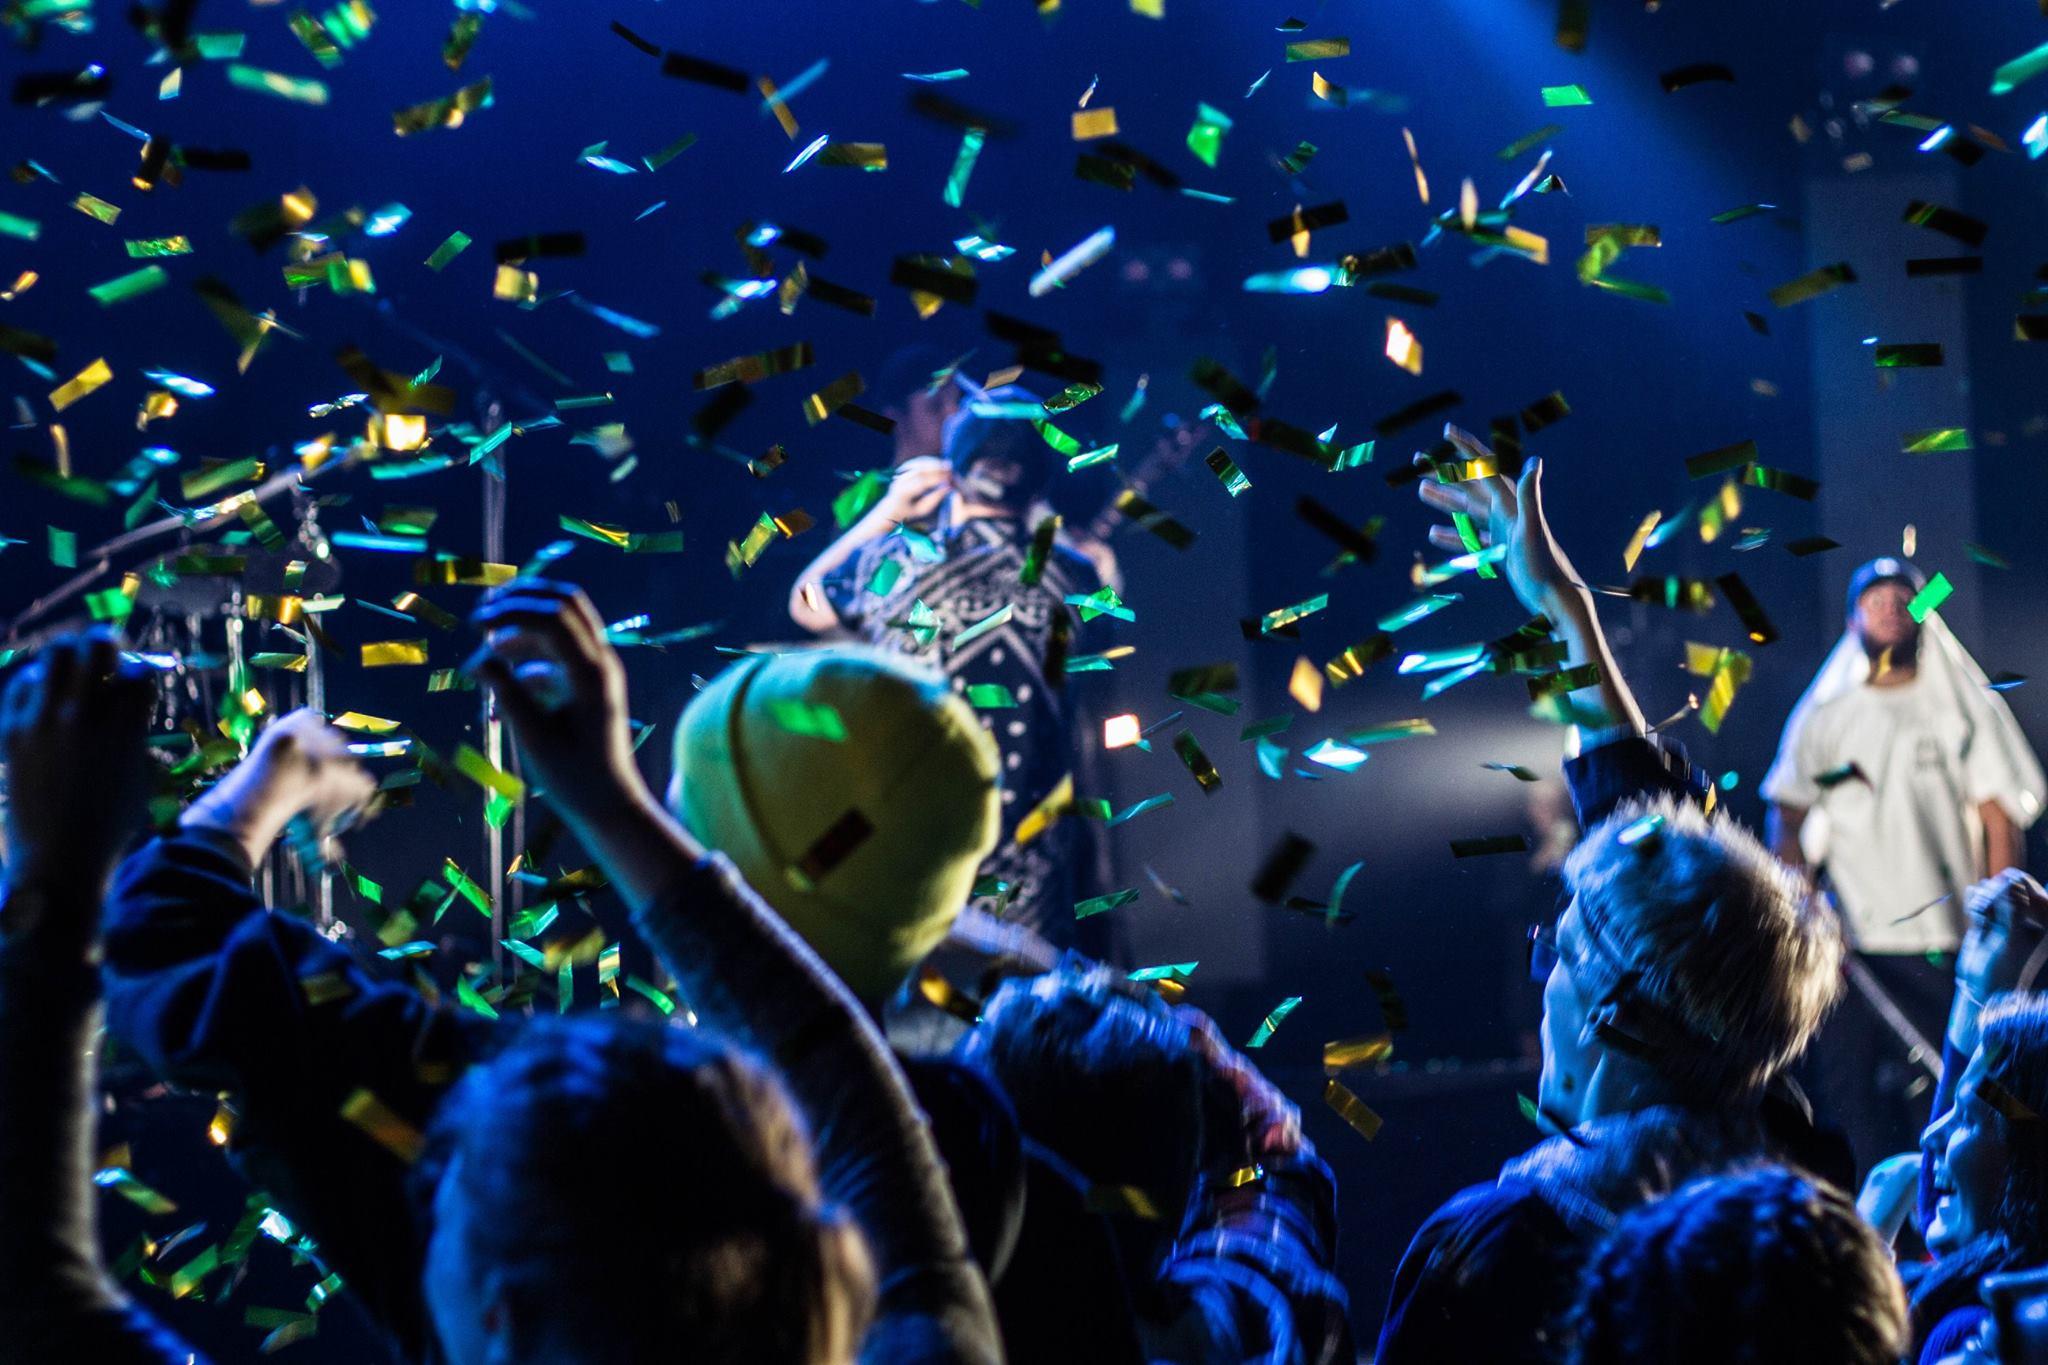 Åbner i weekenden: Populær musikfestival i helt nye rammer